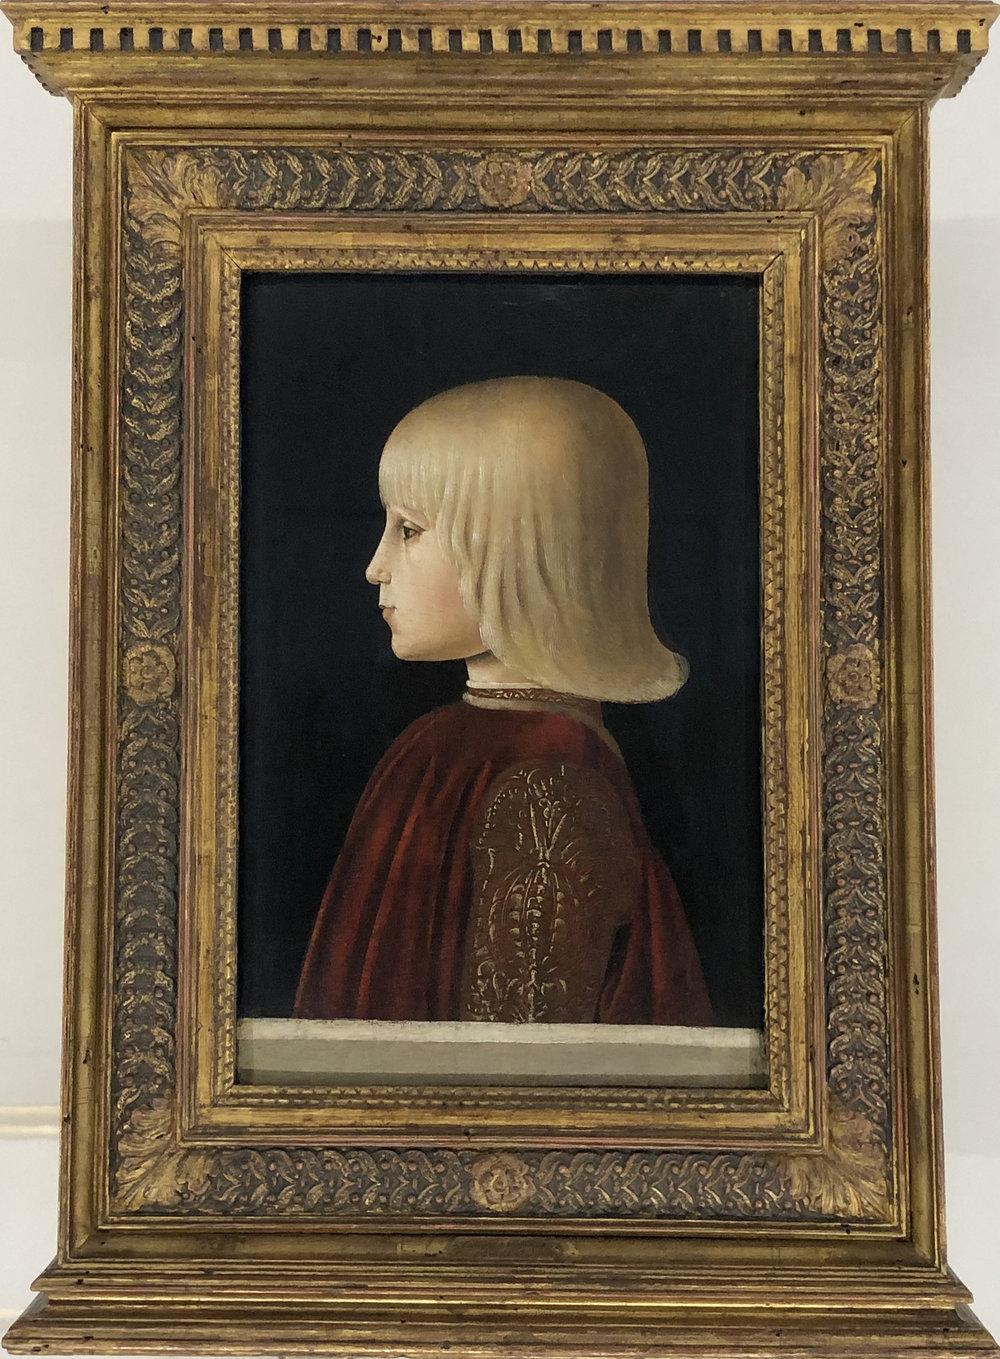 """Рис.6 Пьеро делла Франческа """"Портрет Гвидобальдо да Монтефельто"""", ок. 1483 г.; дерево, темпера; Музей Тиссена-Борнемисы, Мадрид."""